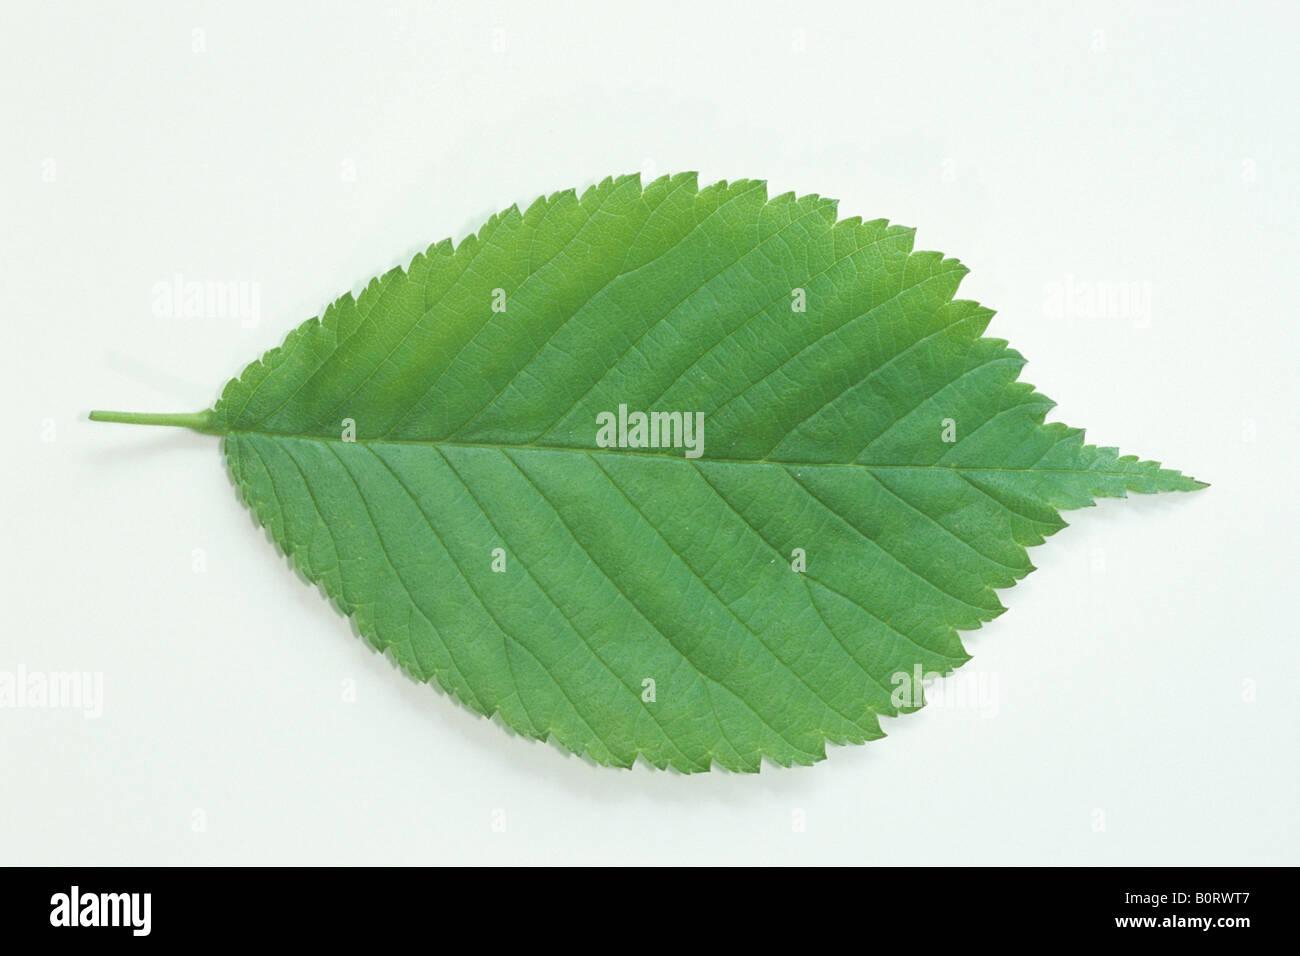 Wych Elm (Ulmus glabra), leaf, studio picture - Stock Image